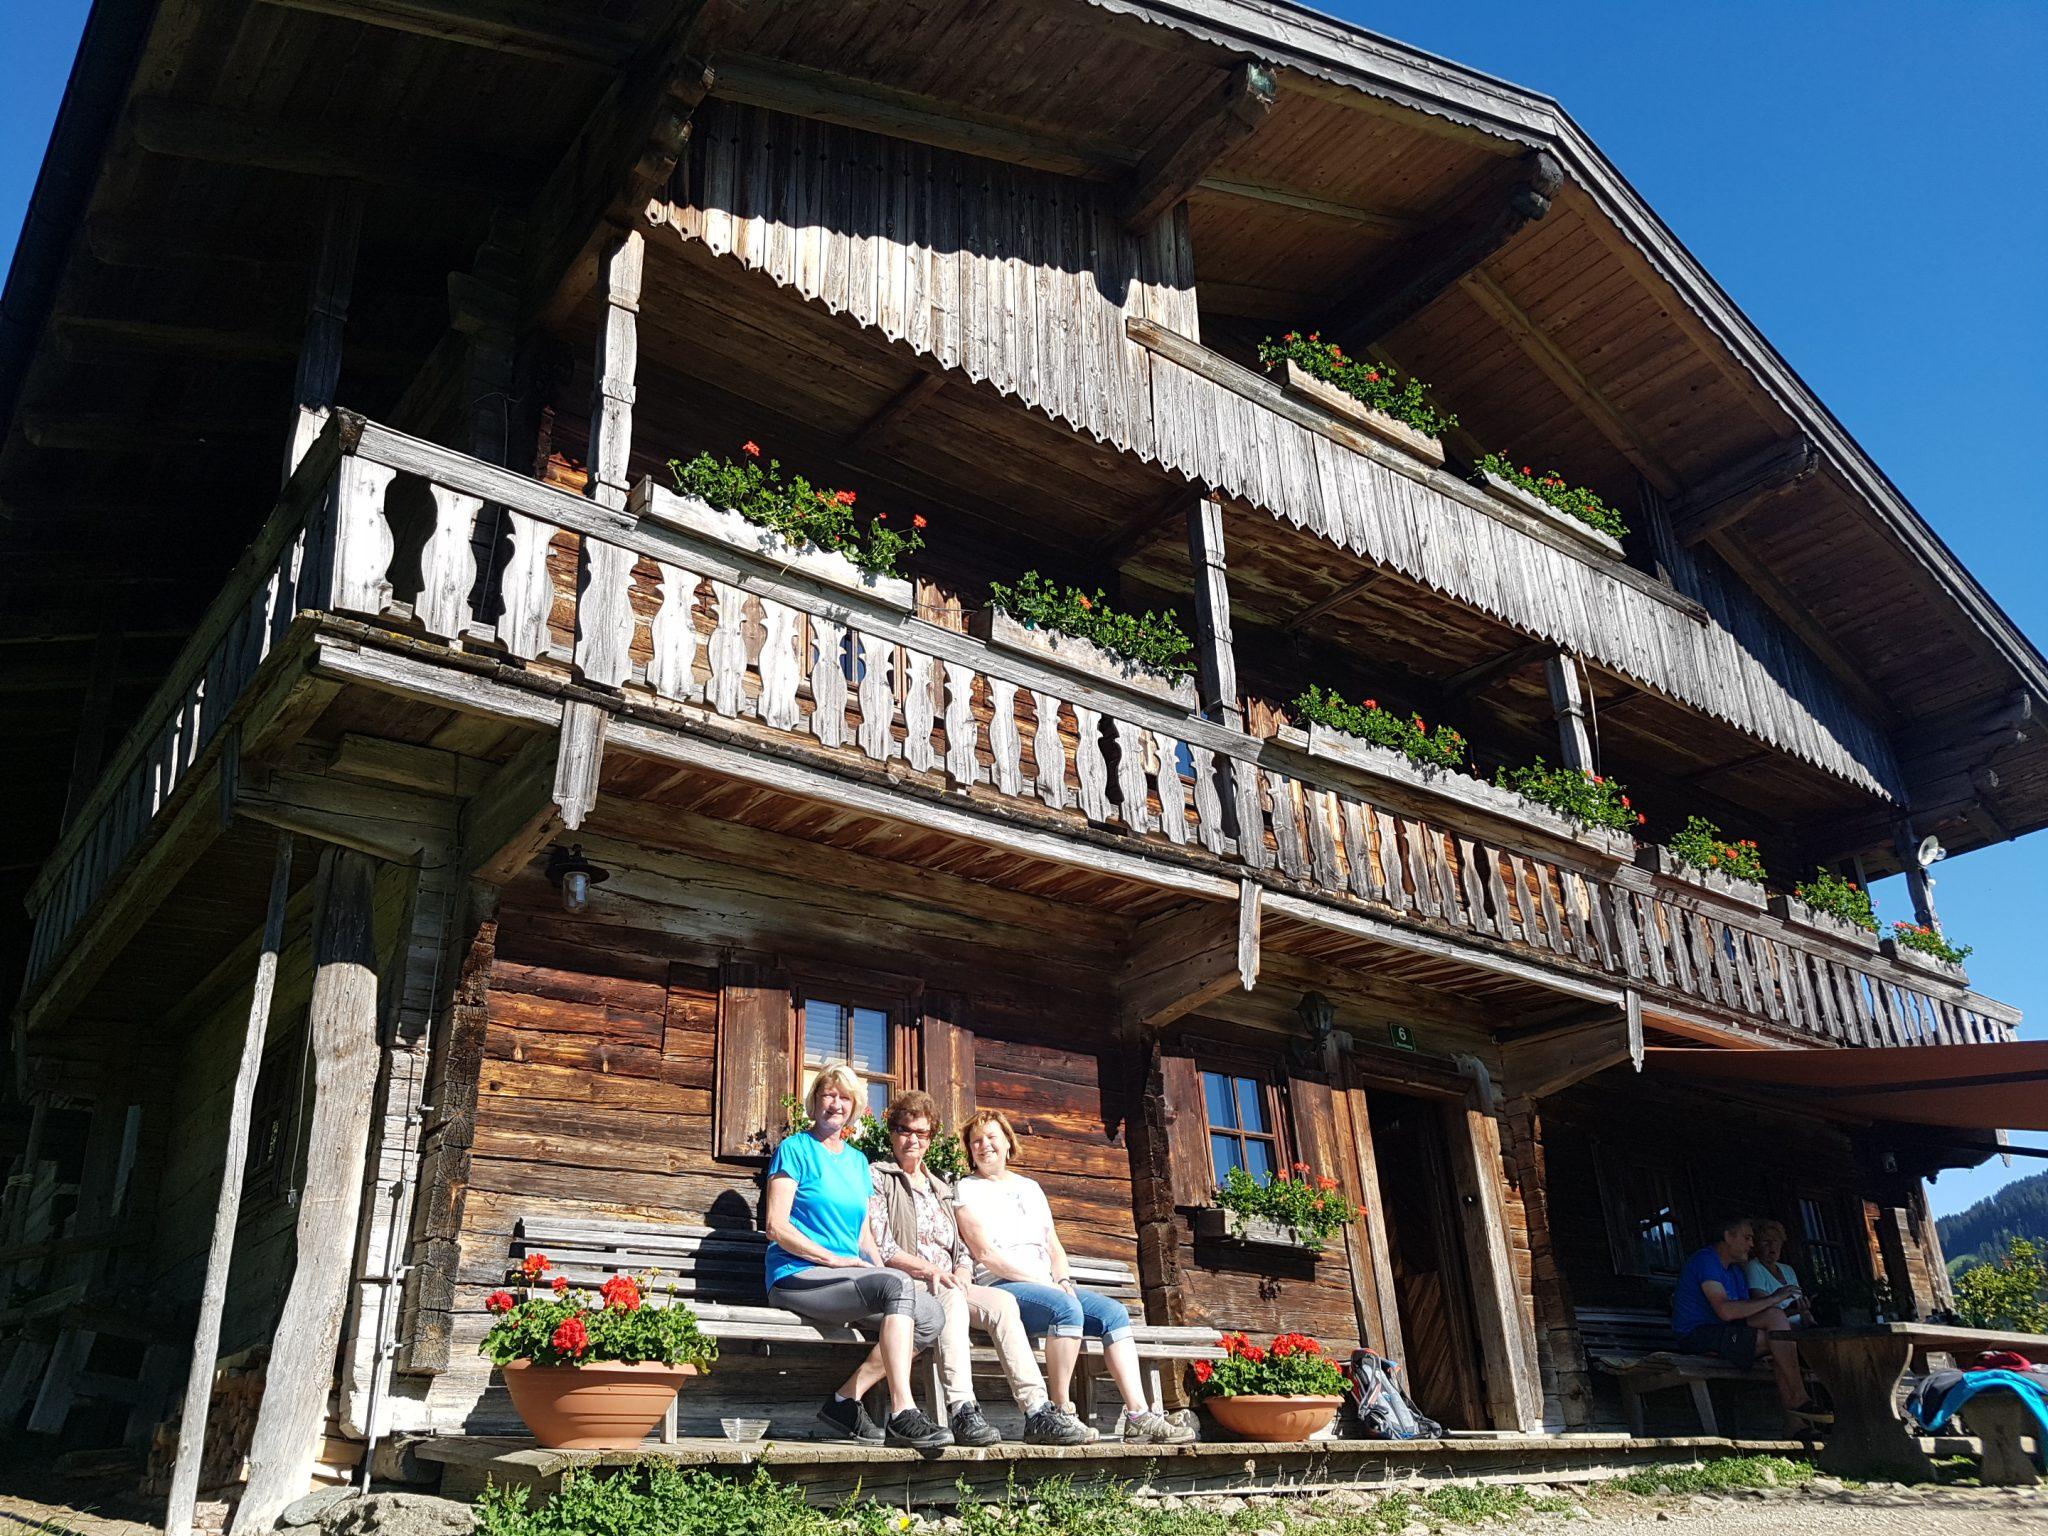 """Die Besitzerin des Köpfinghofs Aloisa Mayr (M.) mit ihren Töchtern vor dem """"Bergdoktor""""-Haus. Foto: Bauroth"""